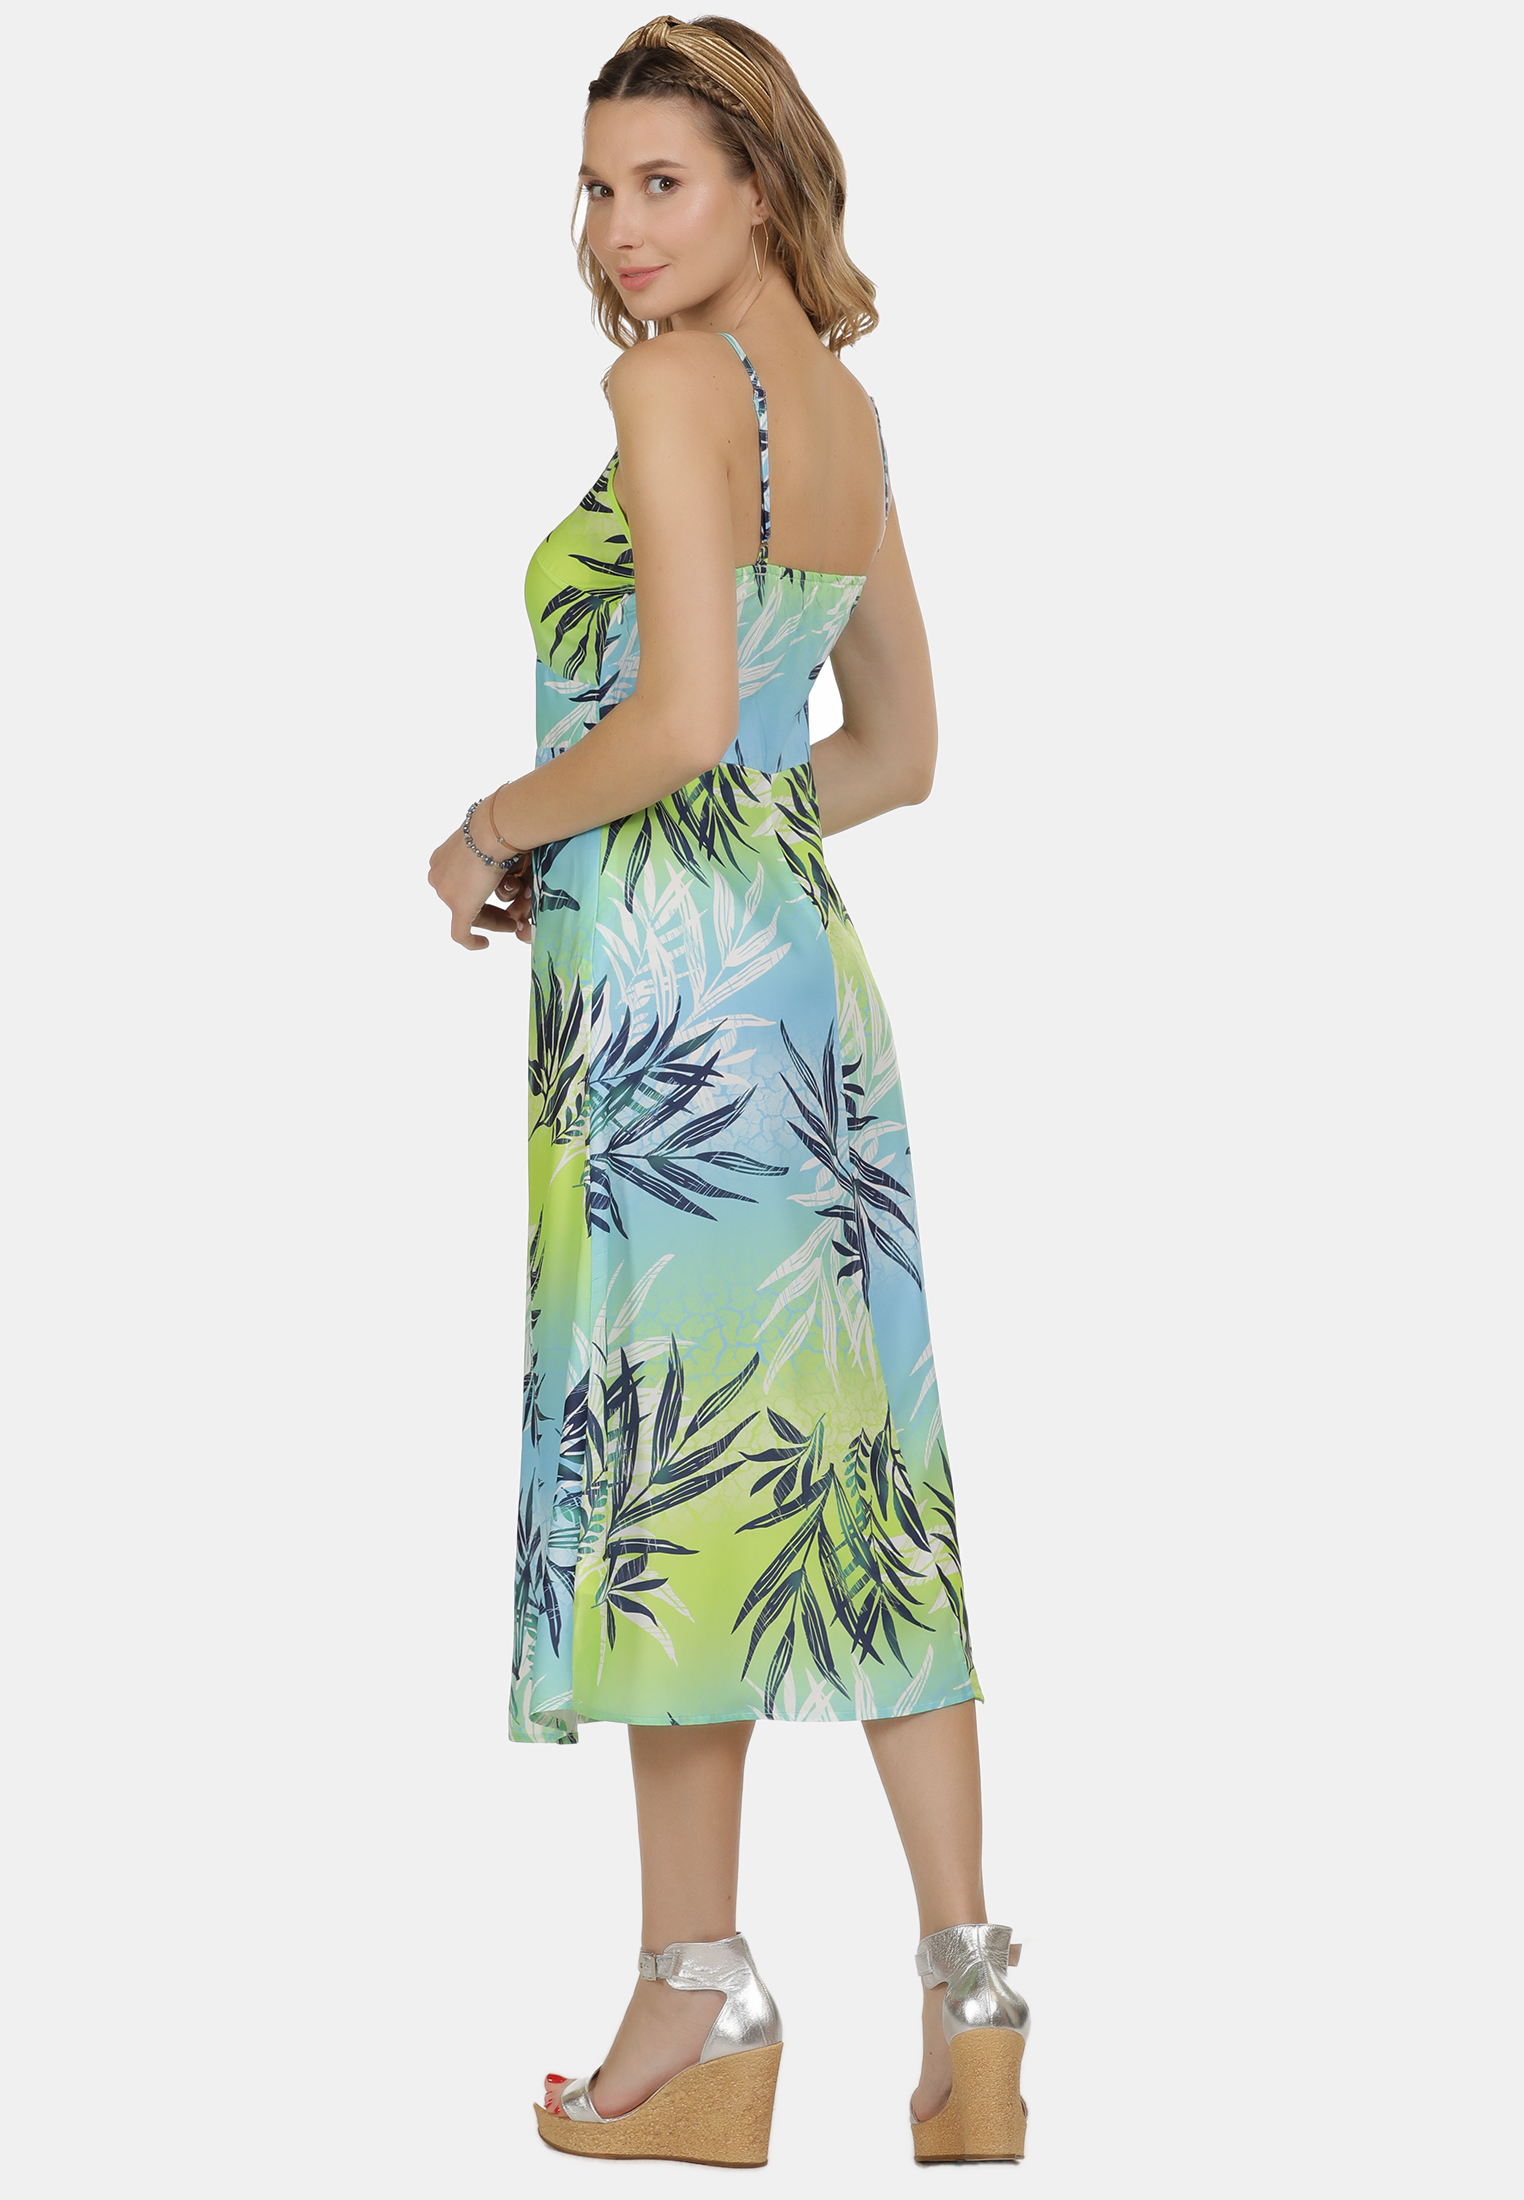 IZIA Sommerkleid in tropical print günstig kaufen